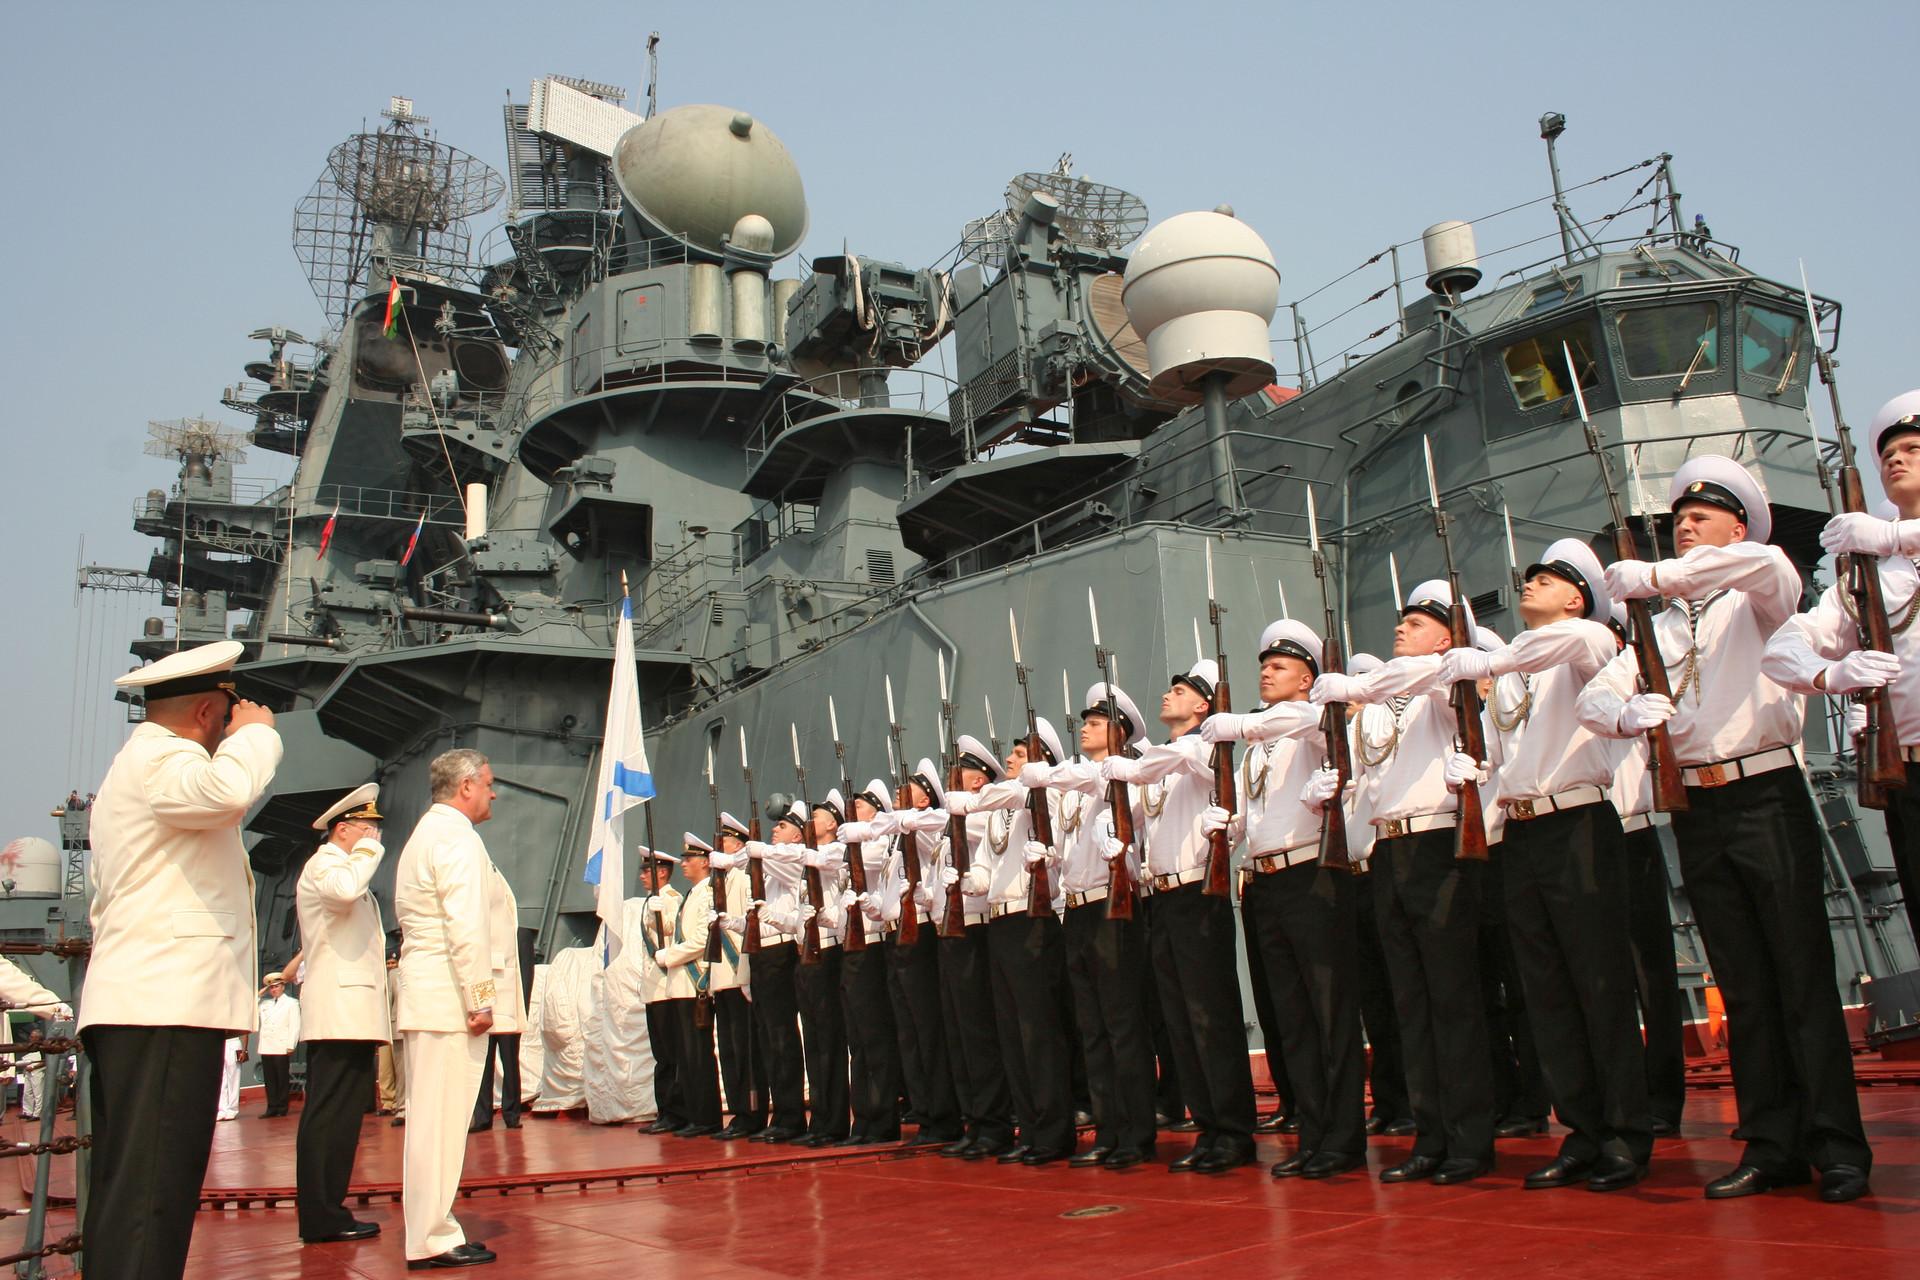 Картинки военные моряки на корабле, герберы